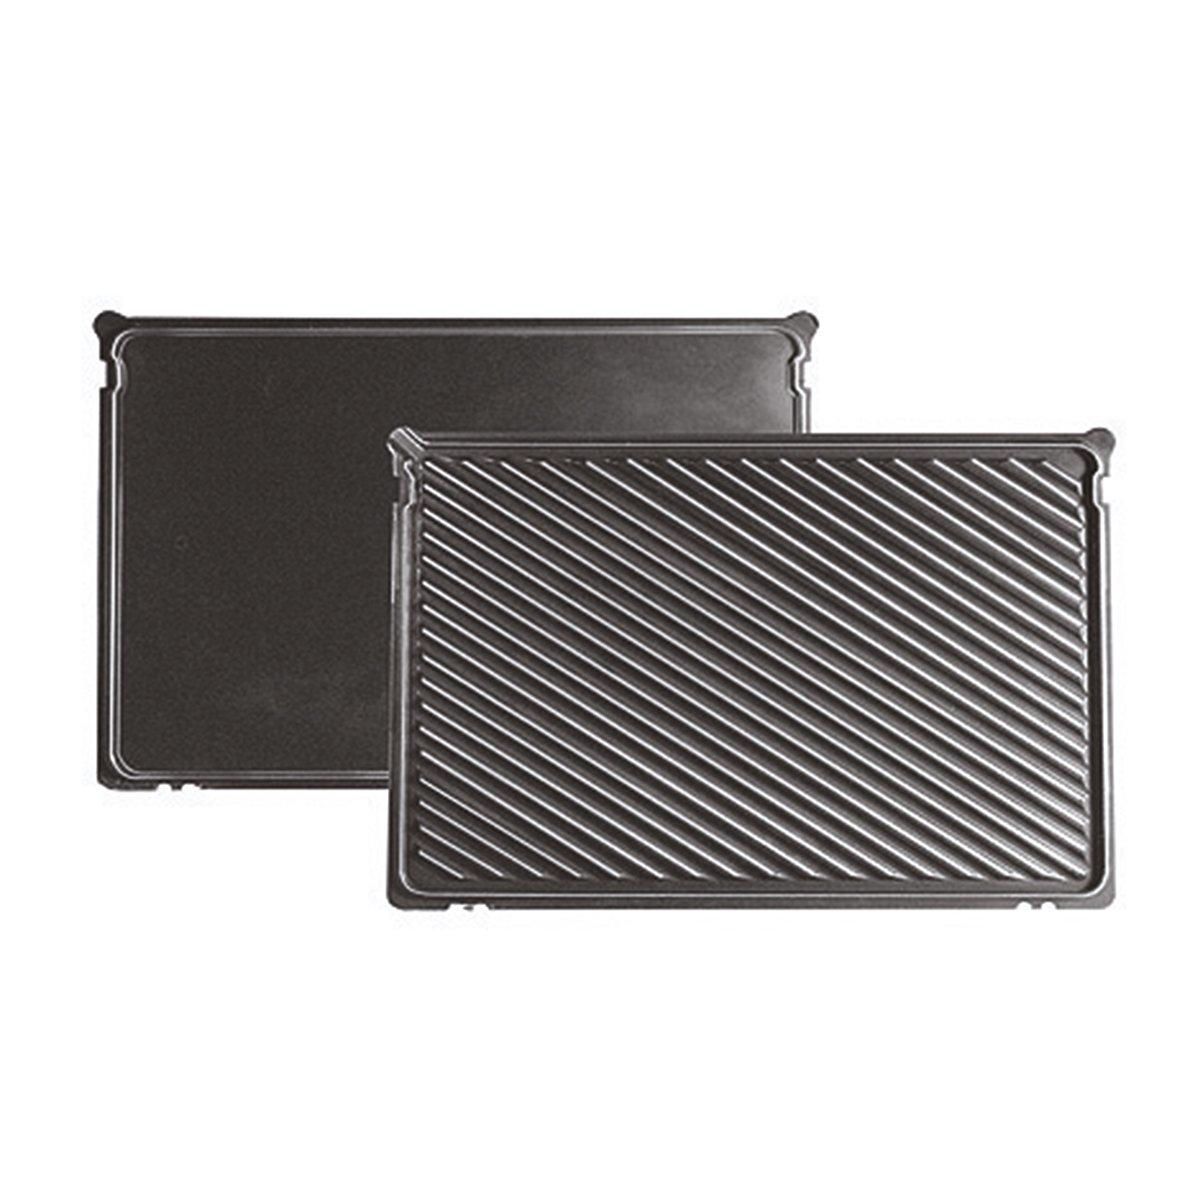 Bosch TFB4431V - Grill de contacto, 2.000 W, 3 posiciones de la parrilla, termostatos independientes para la placa inferior y superior, color gris ...